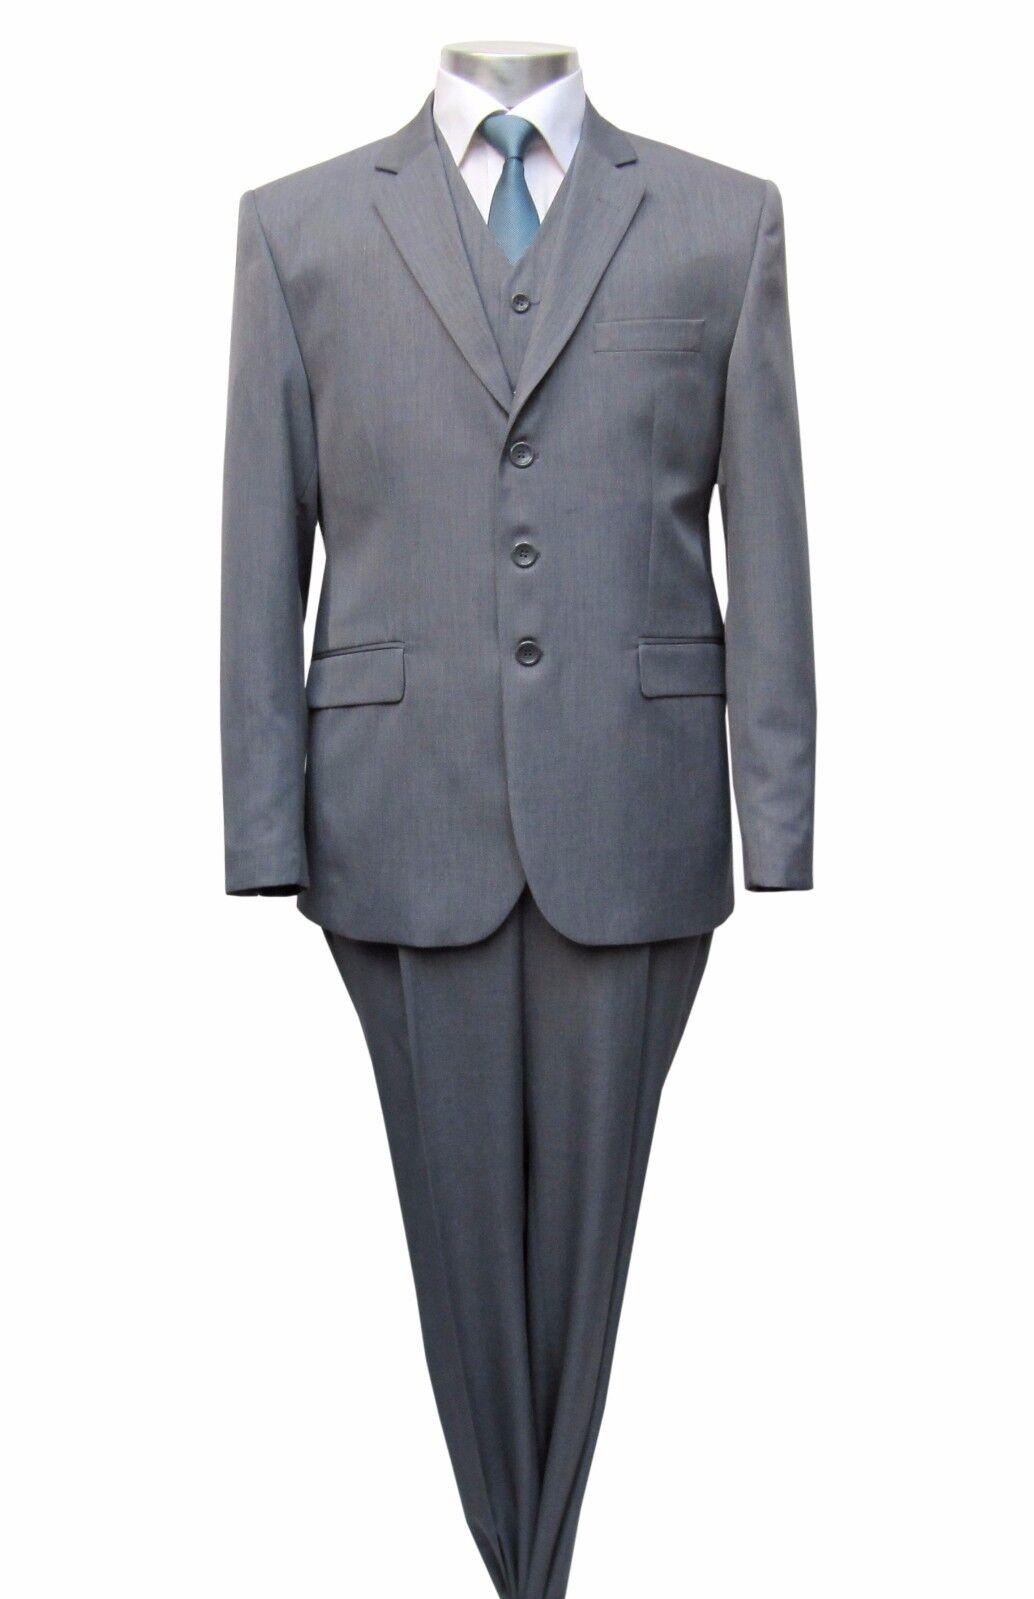 Herren Anzug mit Weste Gr.70 Grau